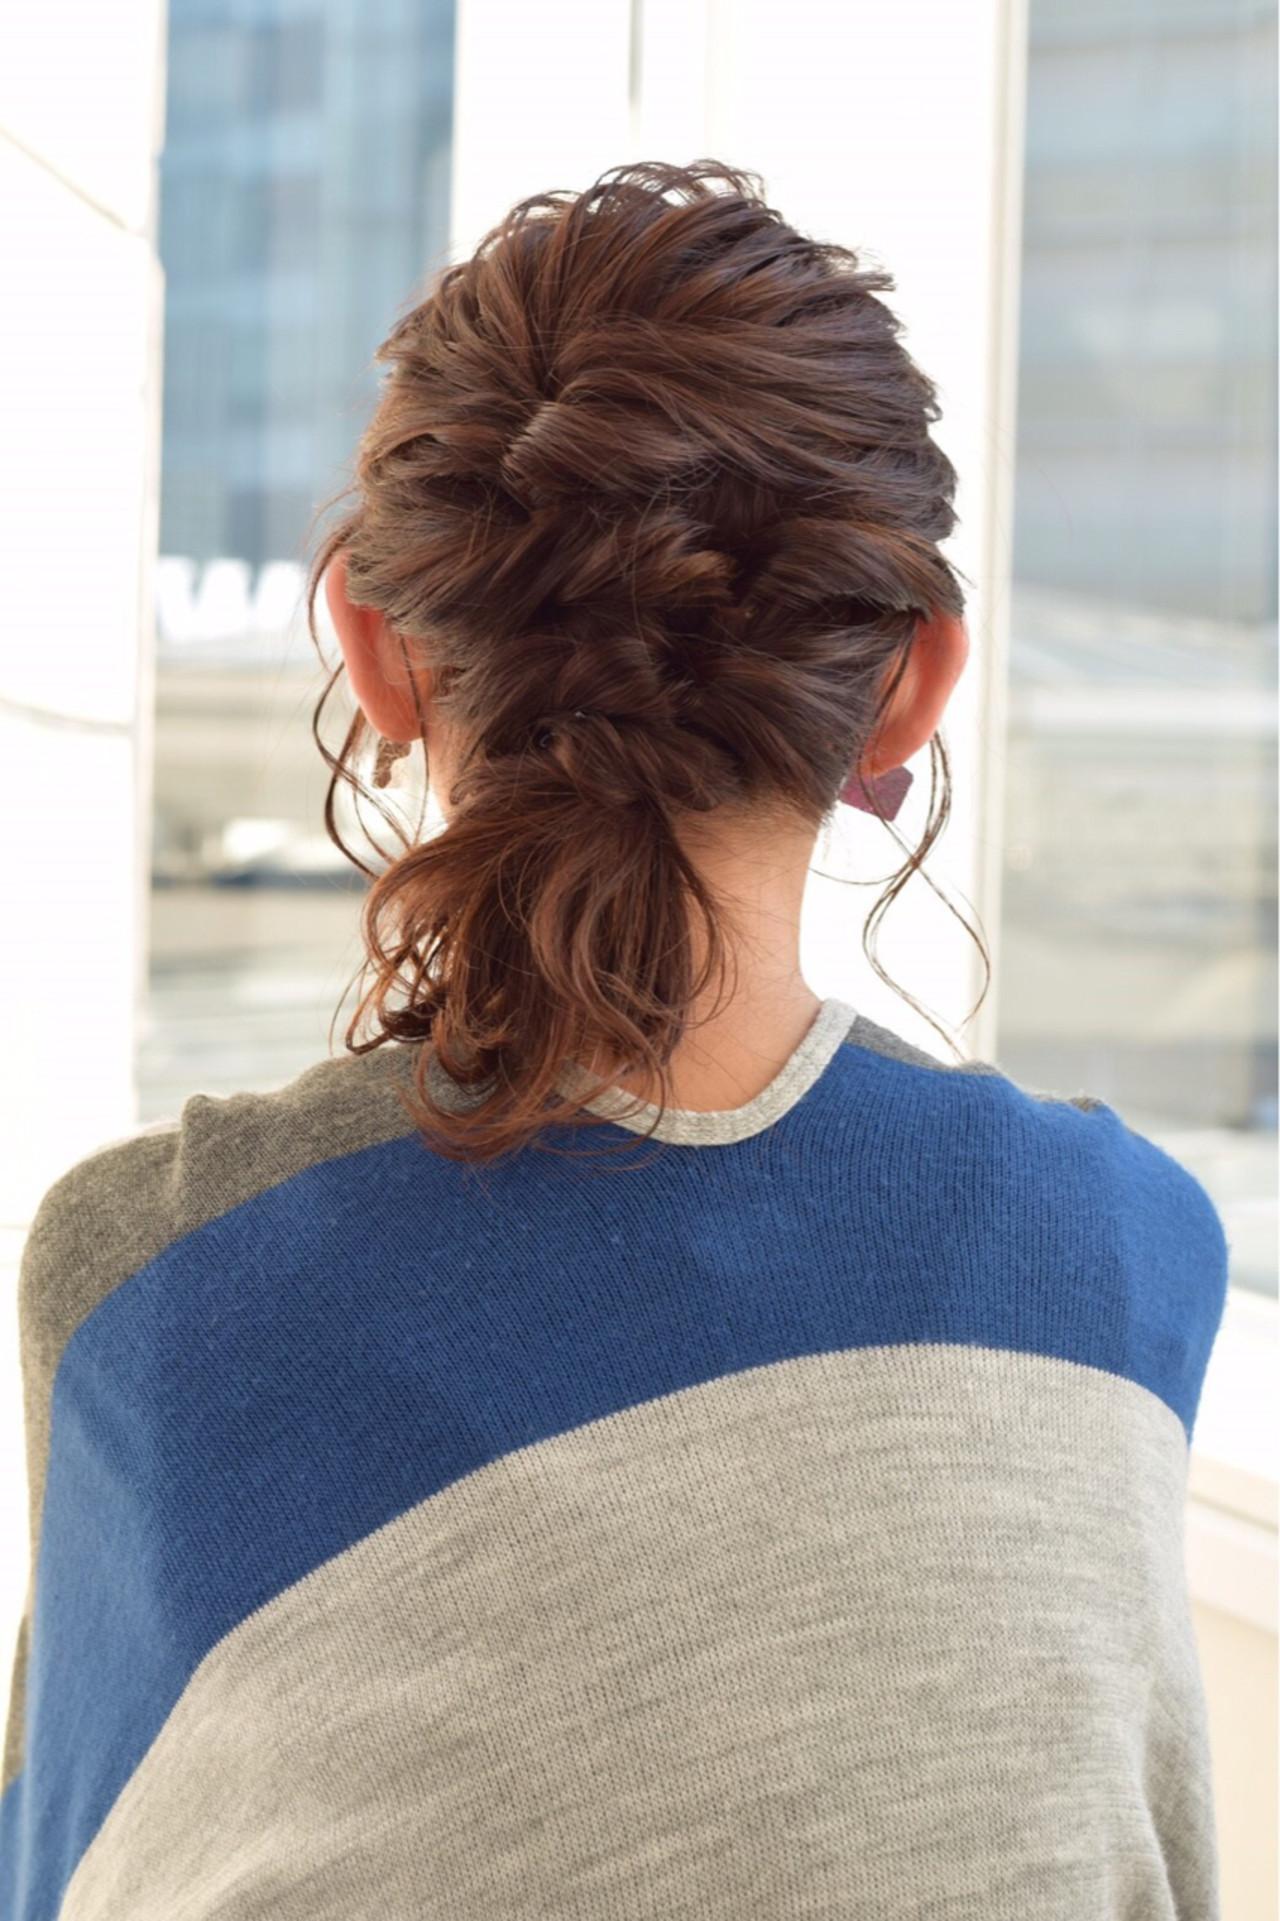 ミディアム 大人女子 小顔 ヘアアレンジ ヘアスタイルや髪型の写真・画像